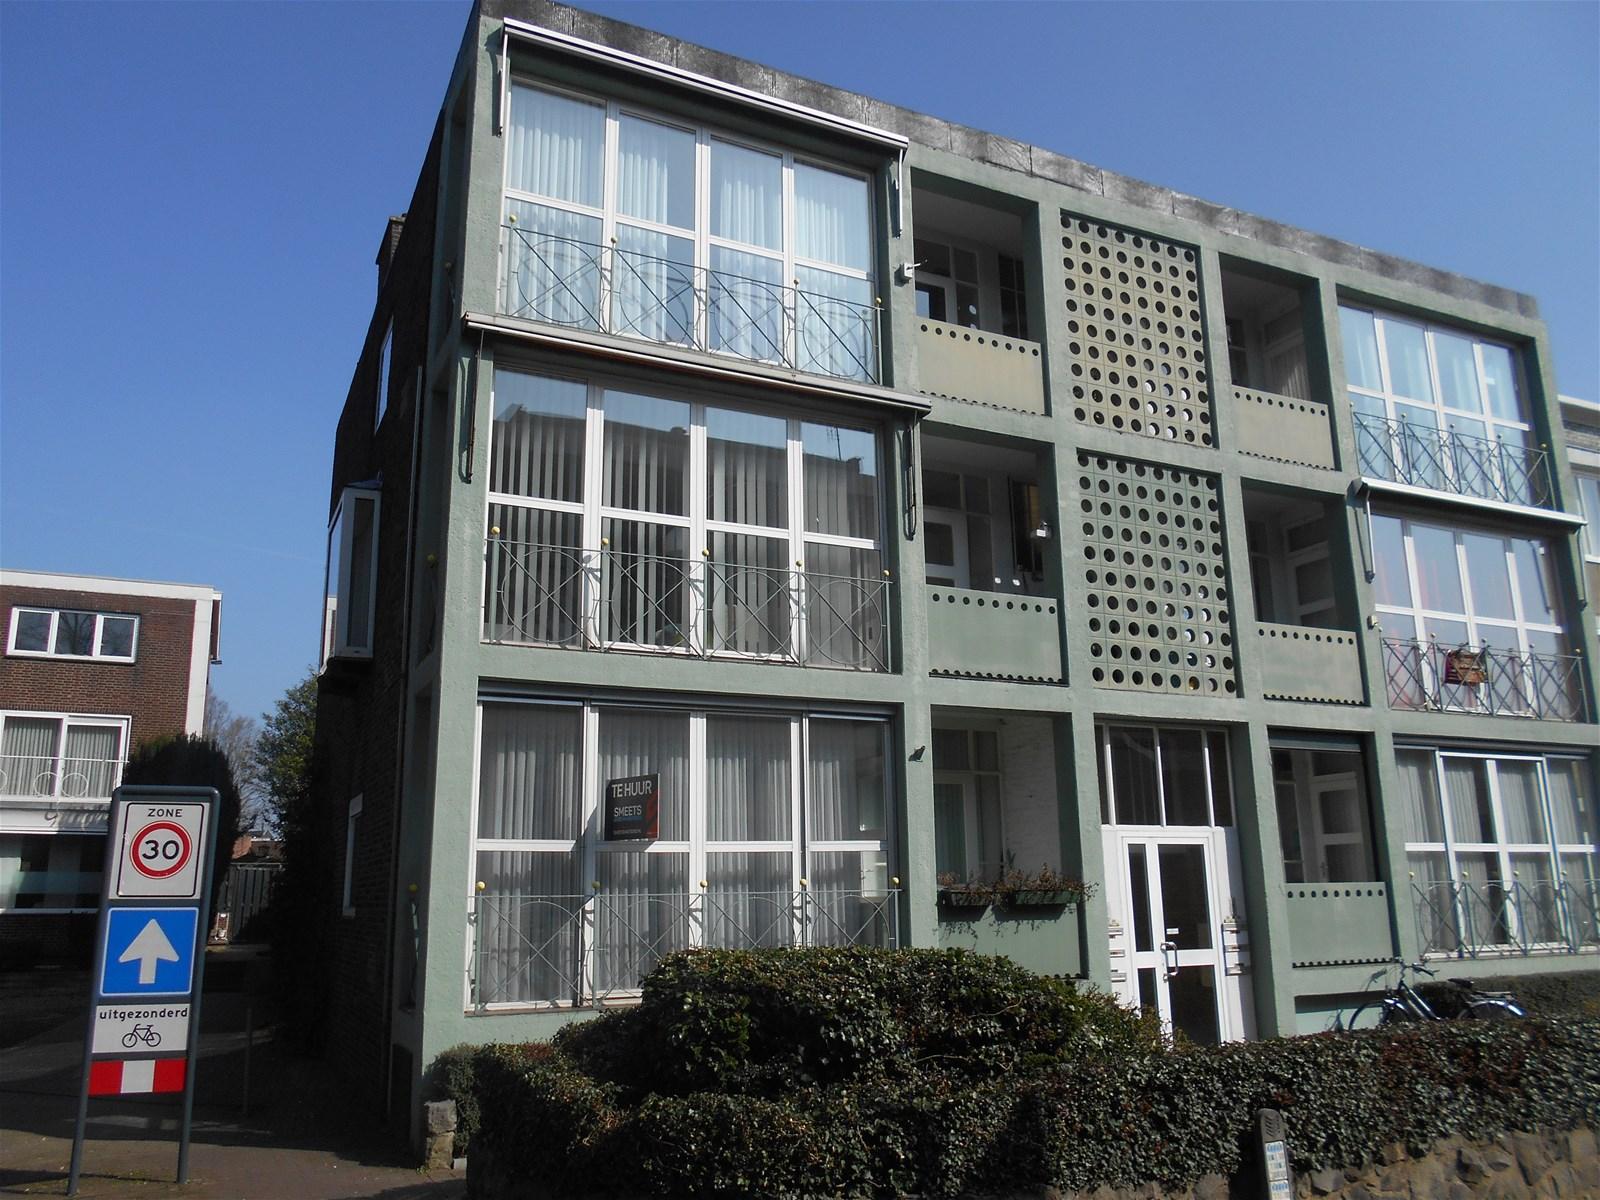 Wilhelminastraat 31